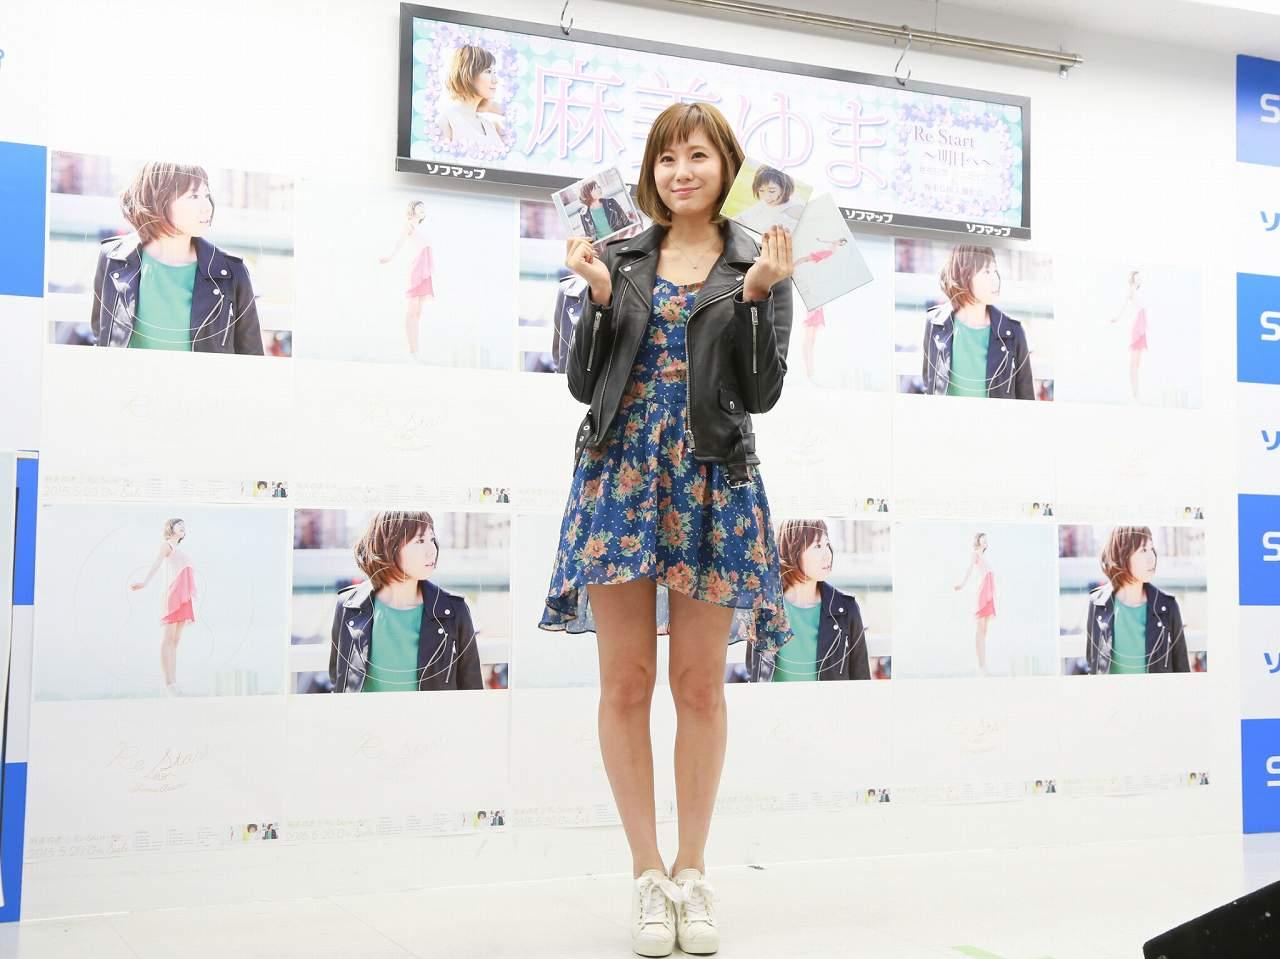 新曲「Re Start ~明日へ~」の記者発表会に出席した麻美ゆま